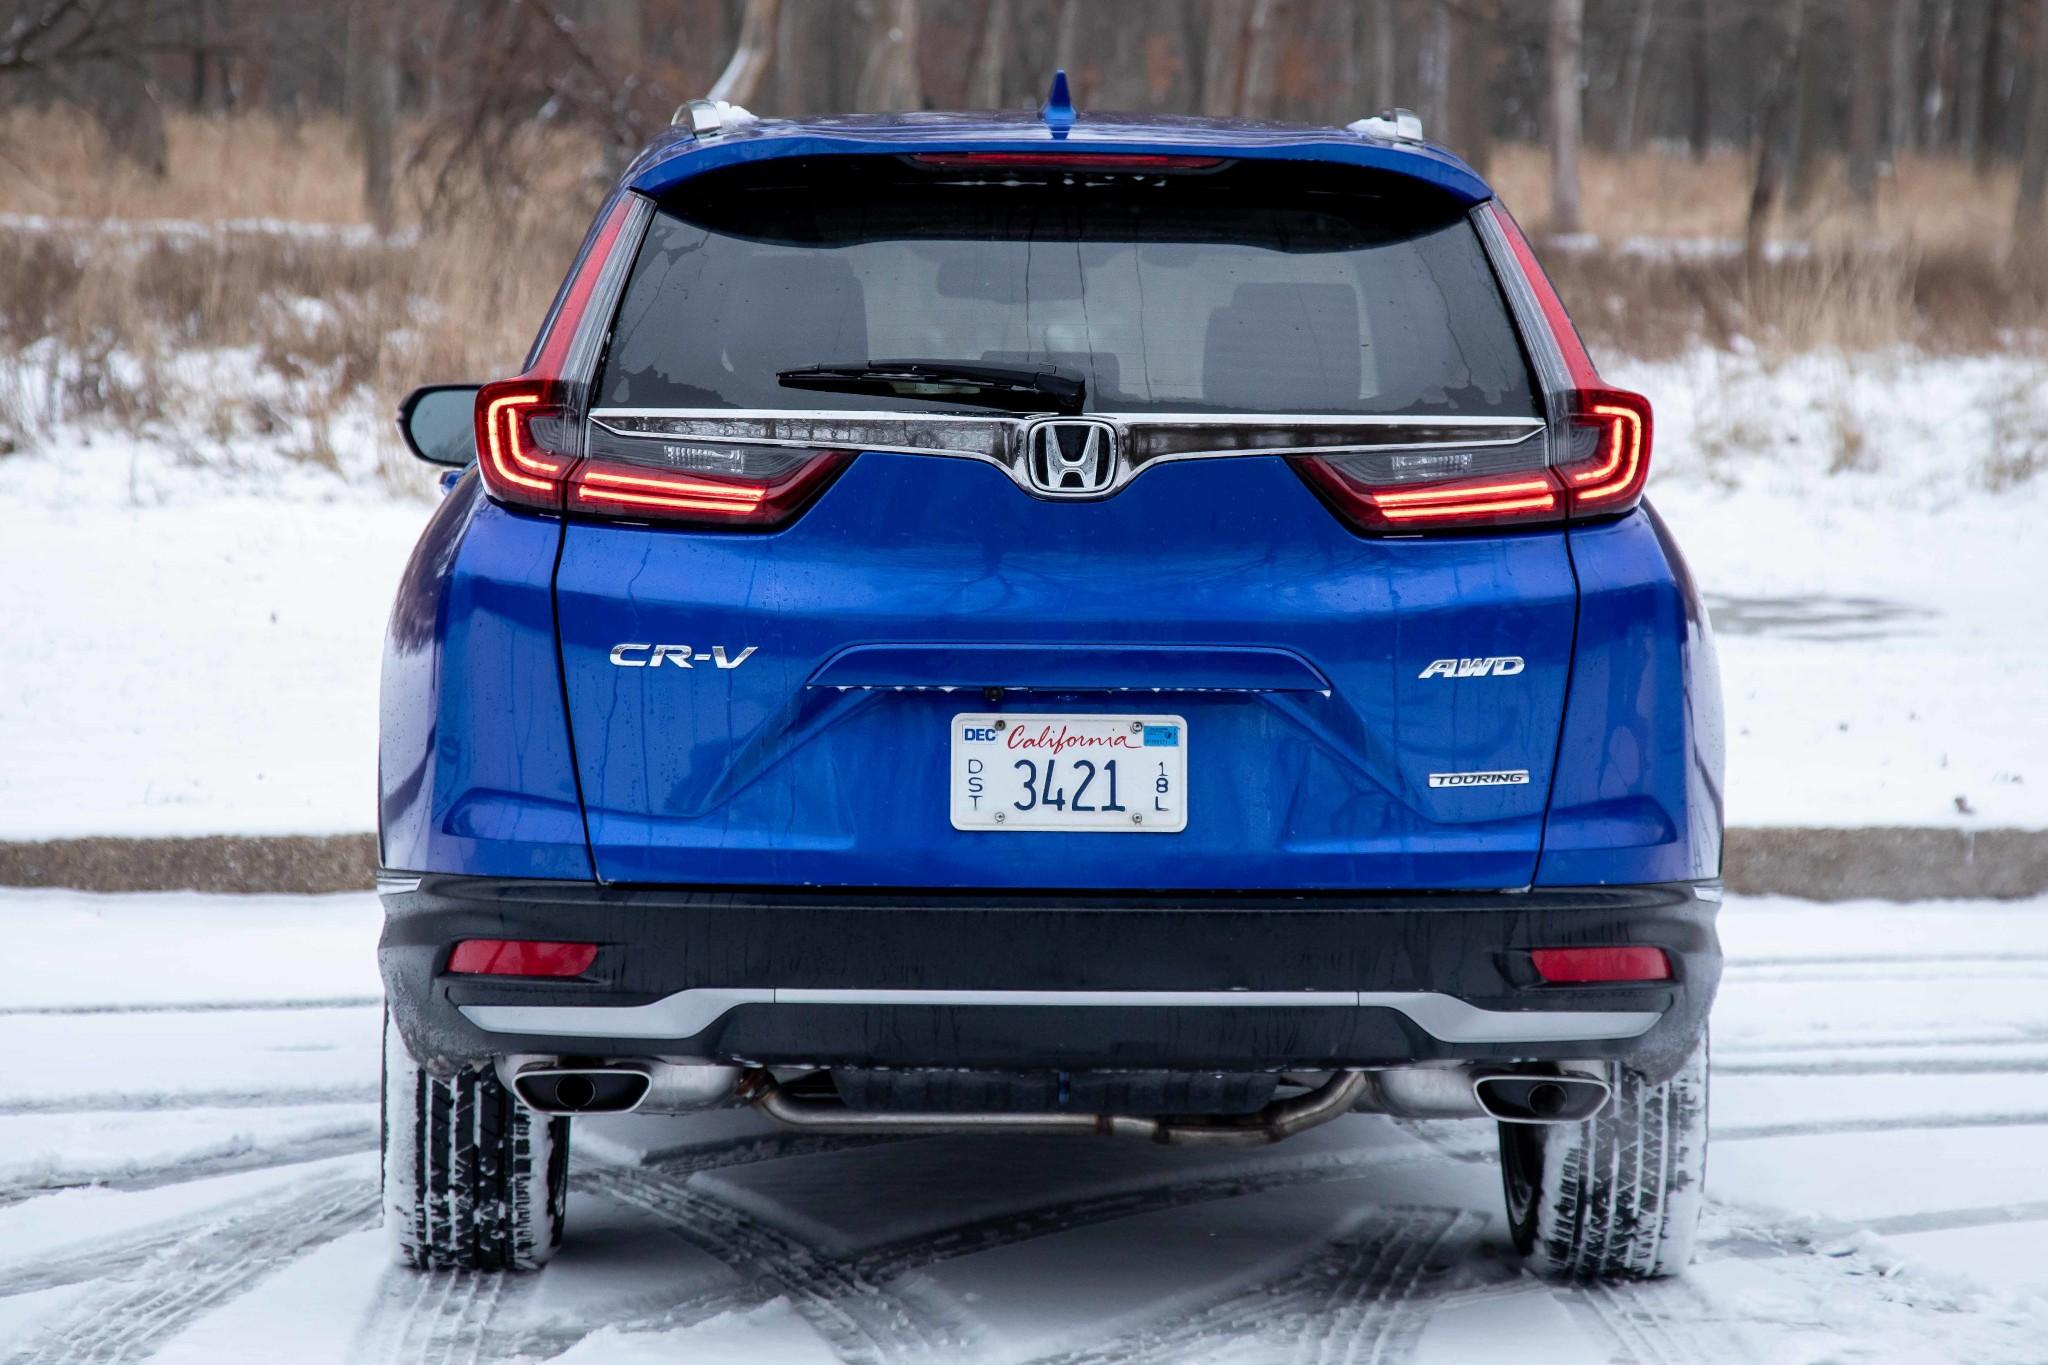 honda-cr-v-2020-06-blue--exterior--rear.jpg